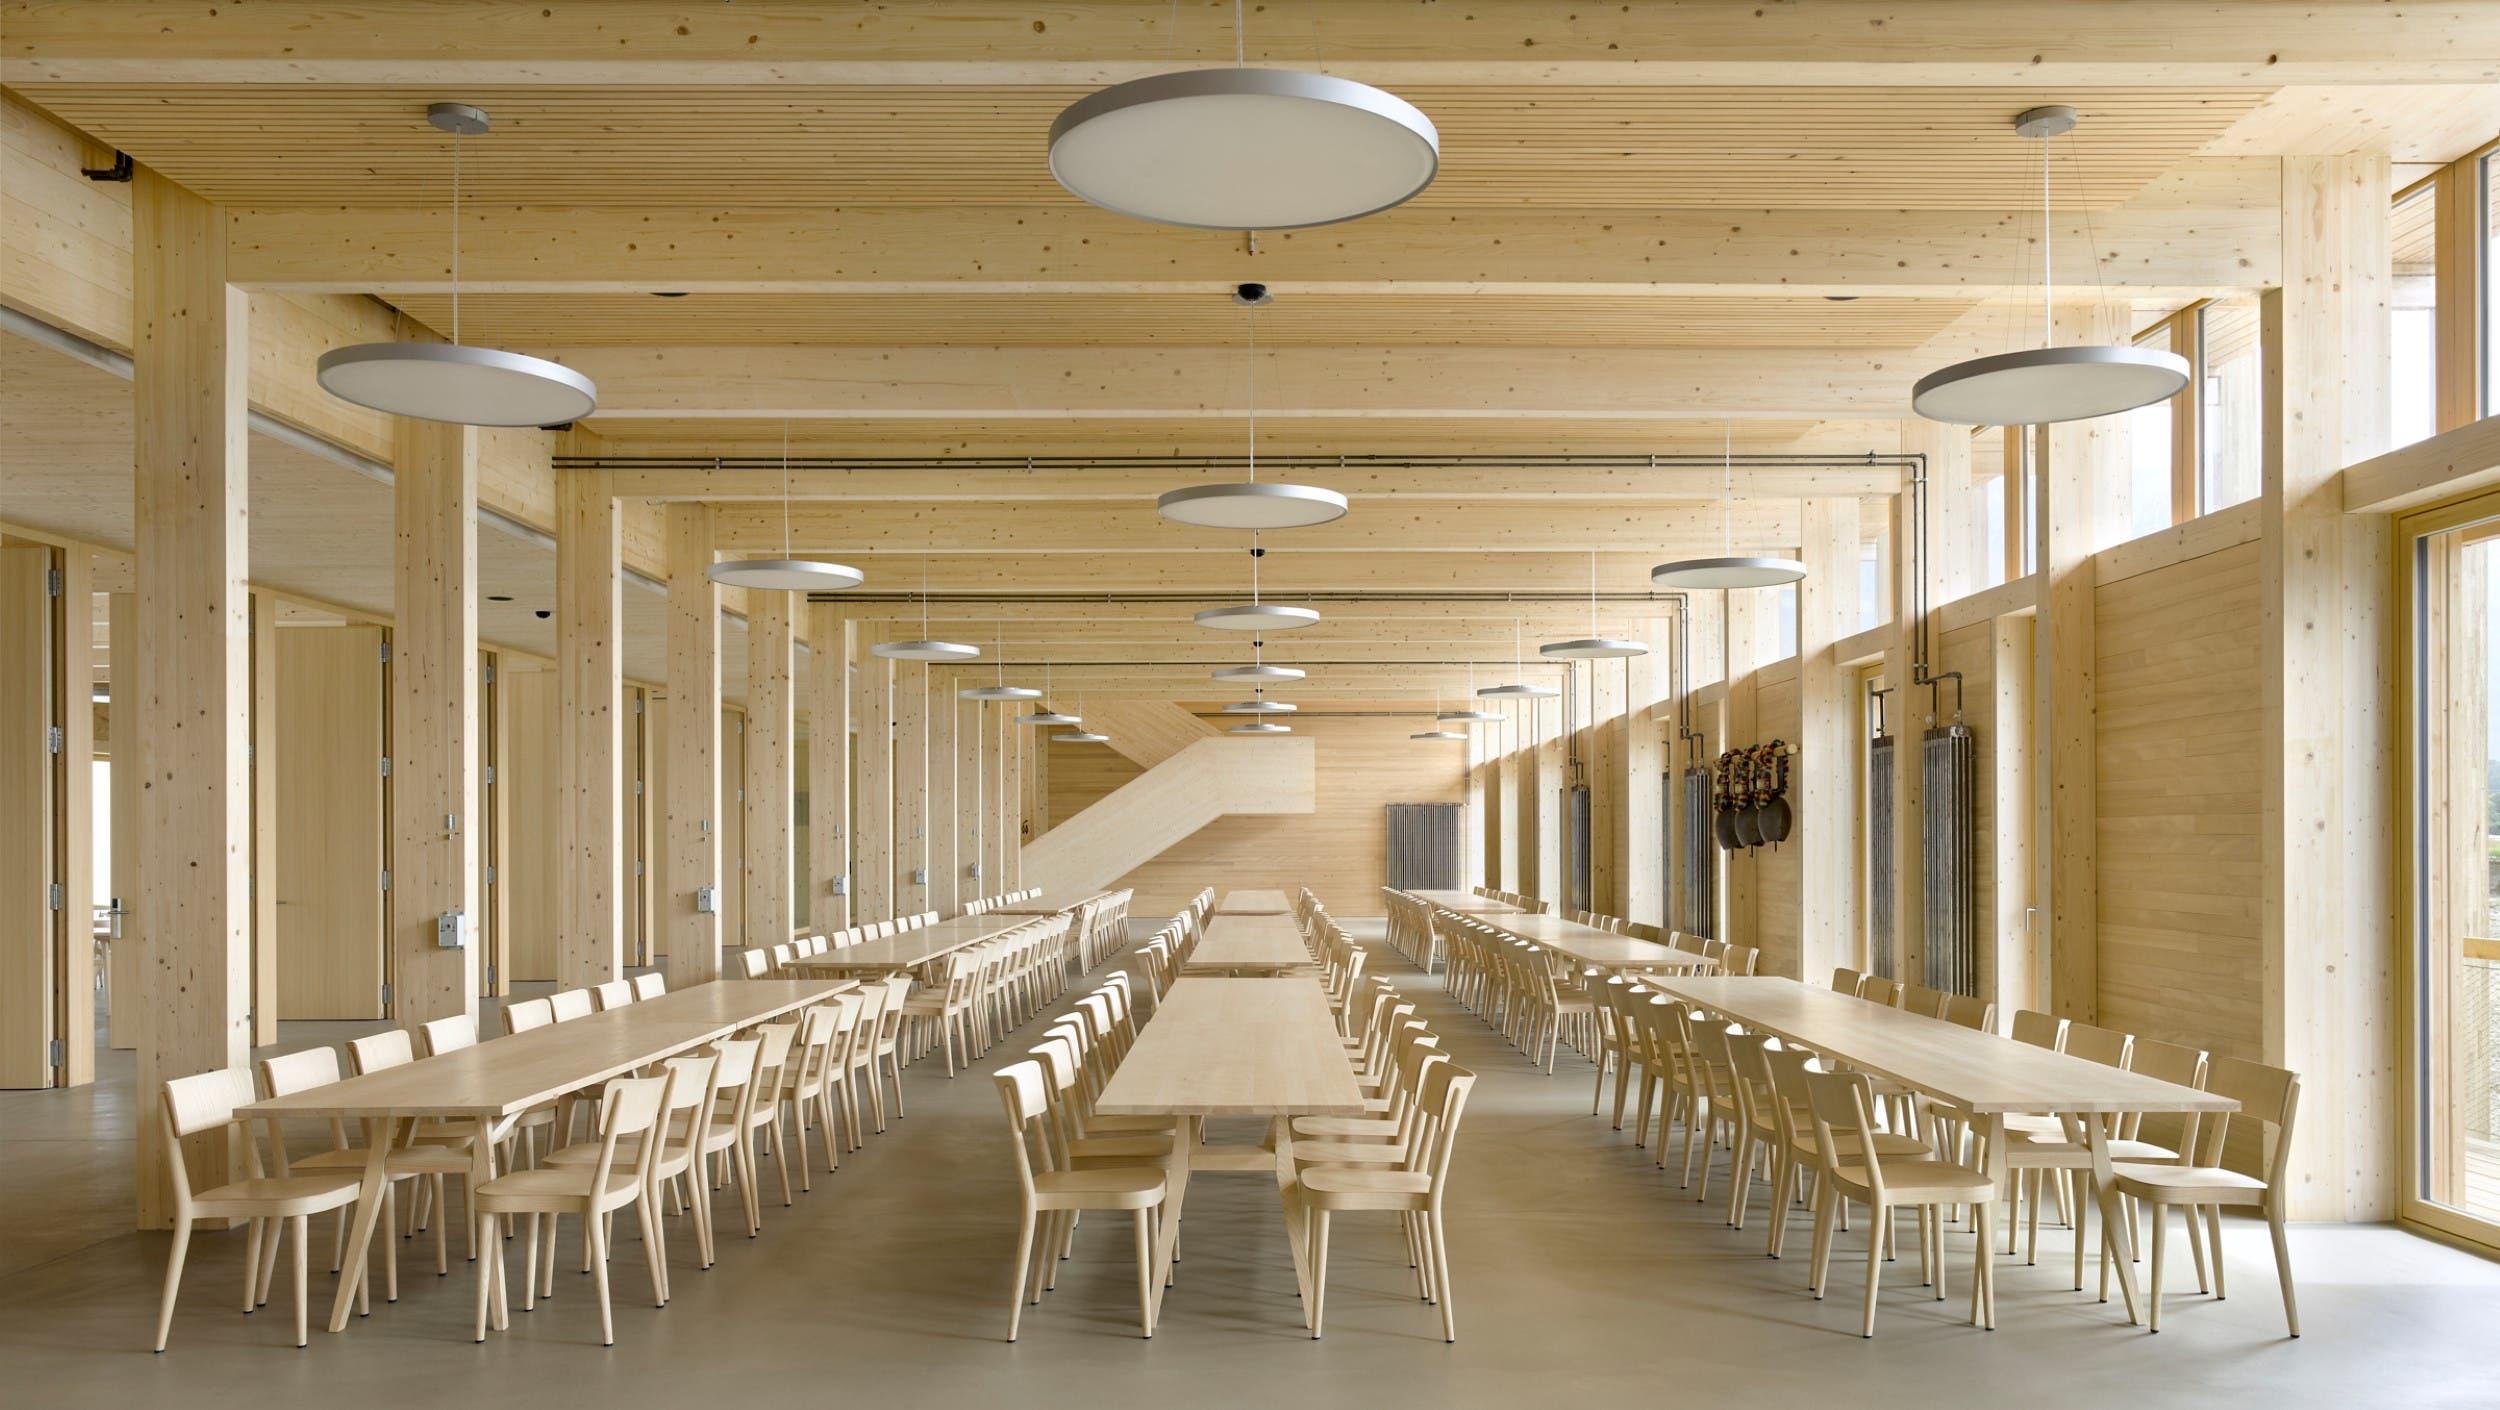 Blick in die Mensa des Landwirtschaftlichen Zentrums St.Gallen in Salez.